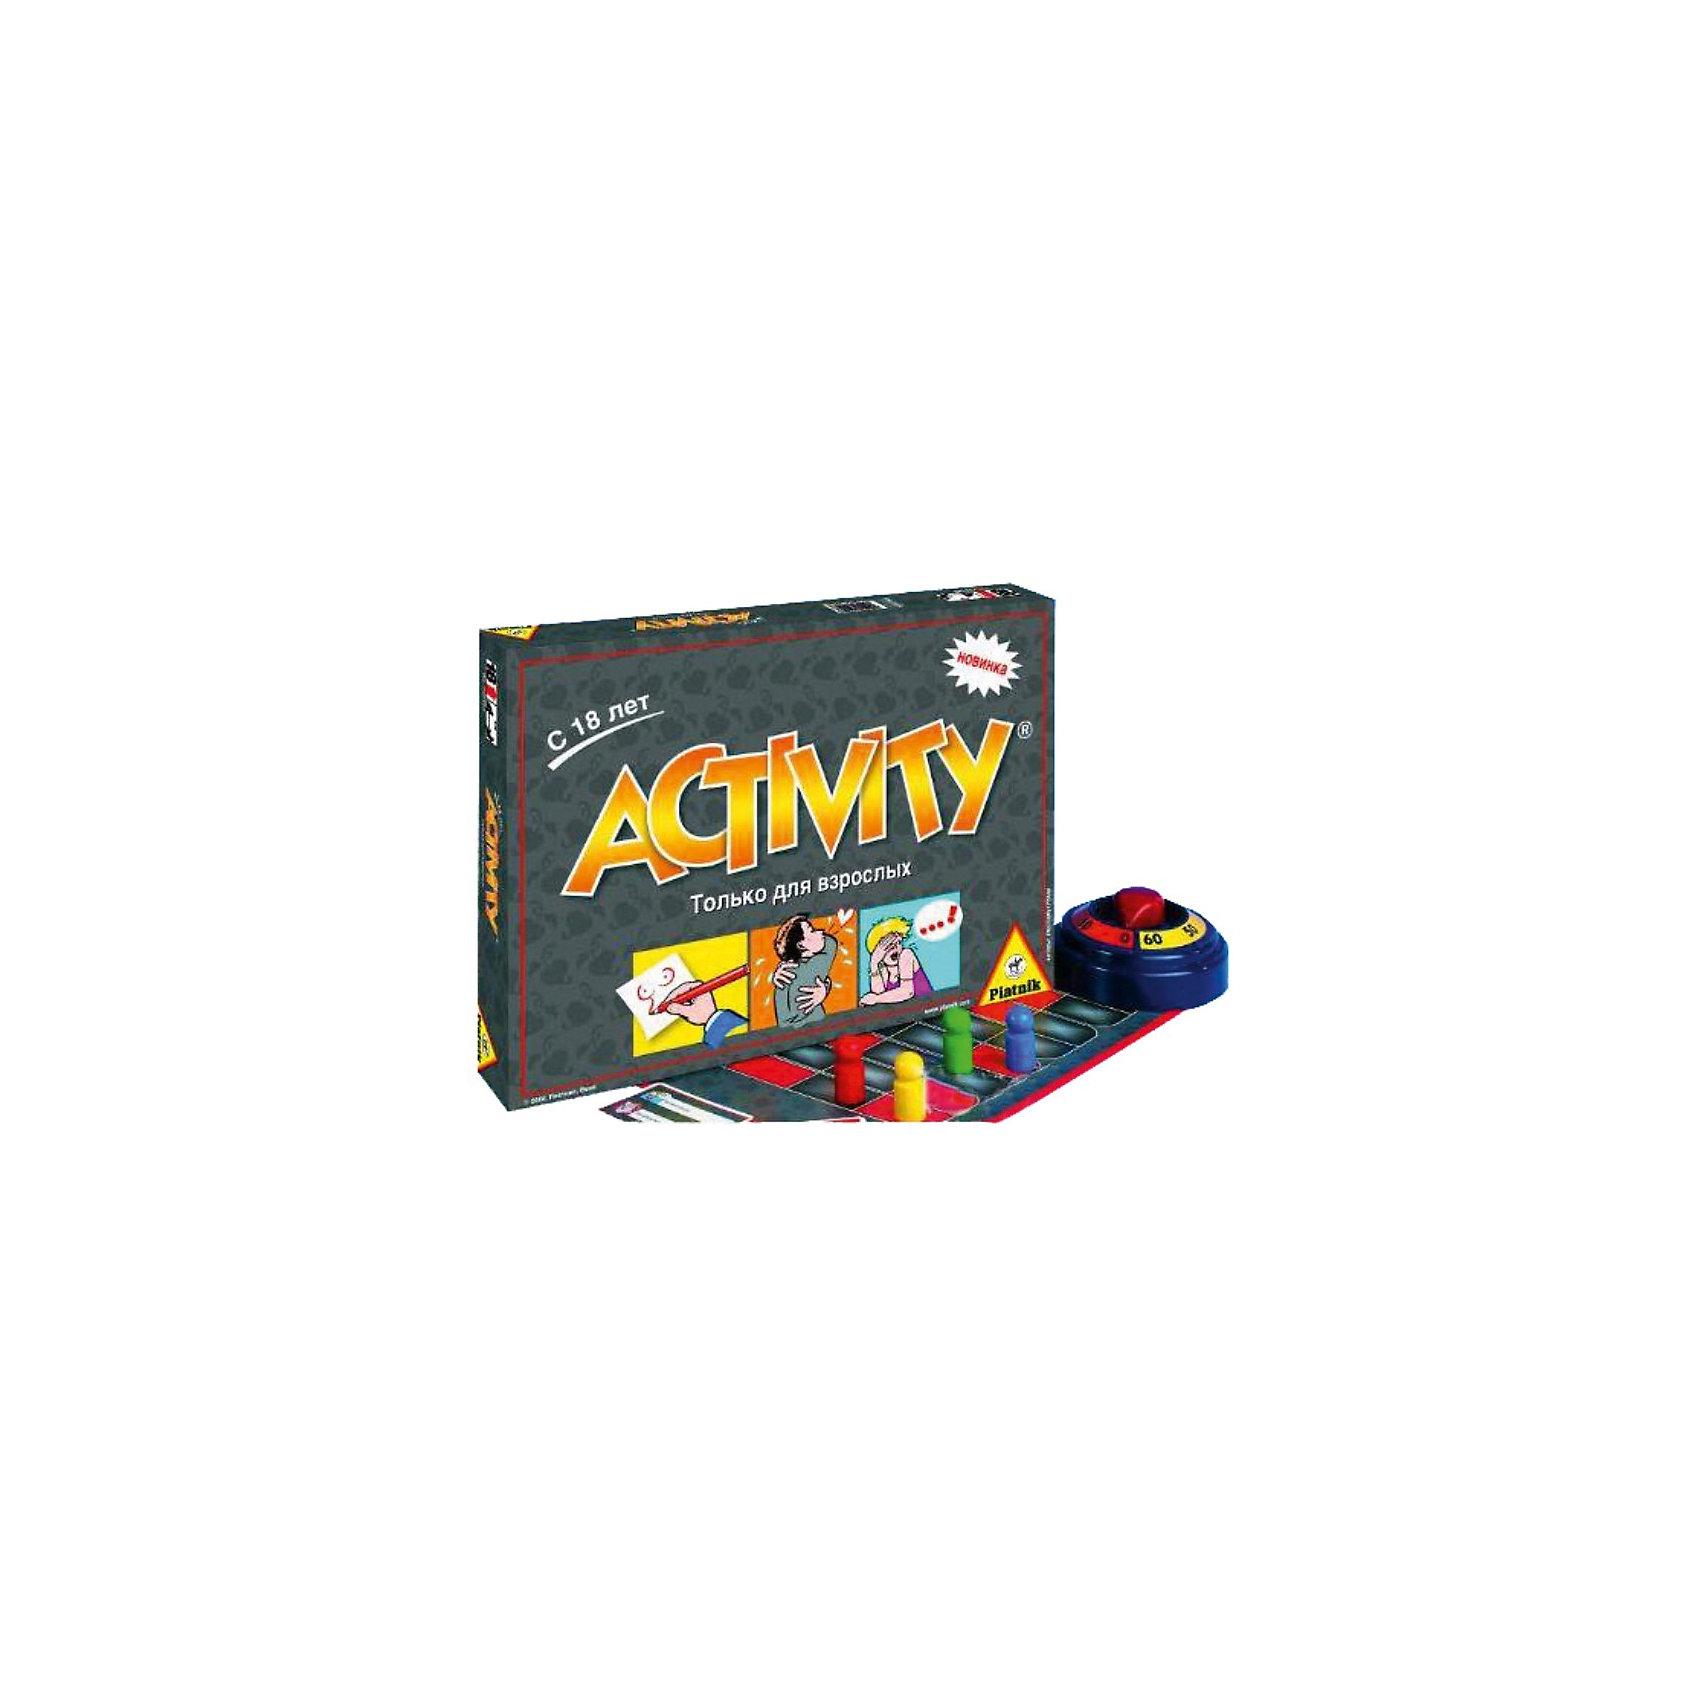 Piatnik Activity для взрослых, Piatnik arsstar настольная игра activity 2 новый дизайн